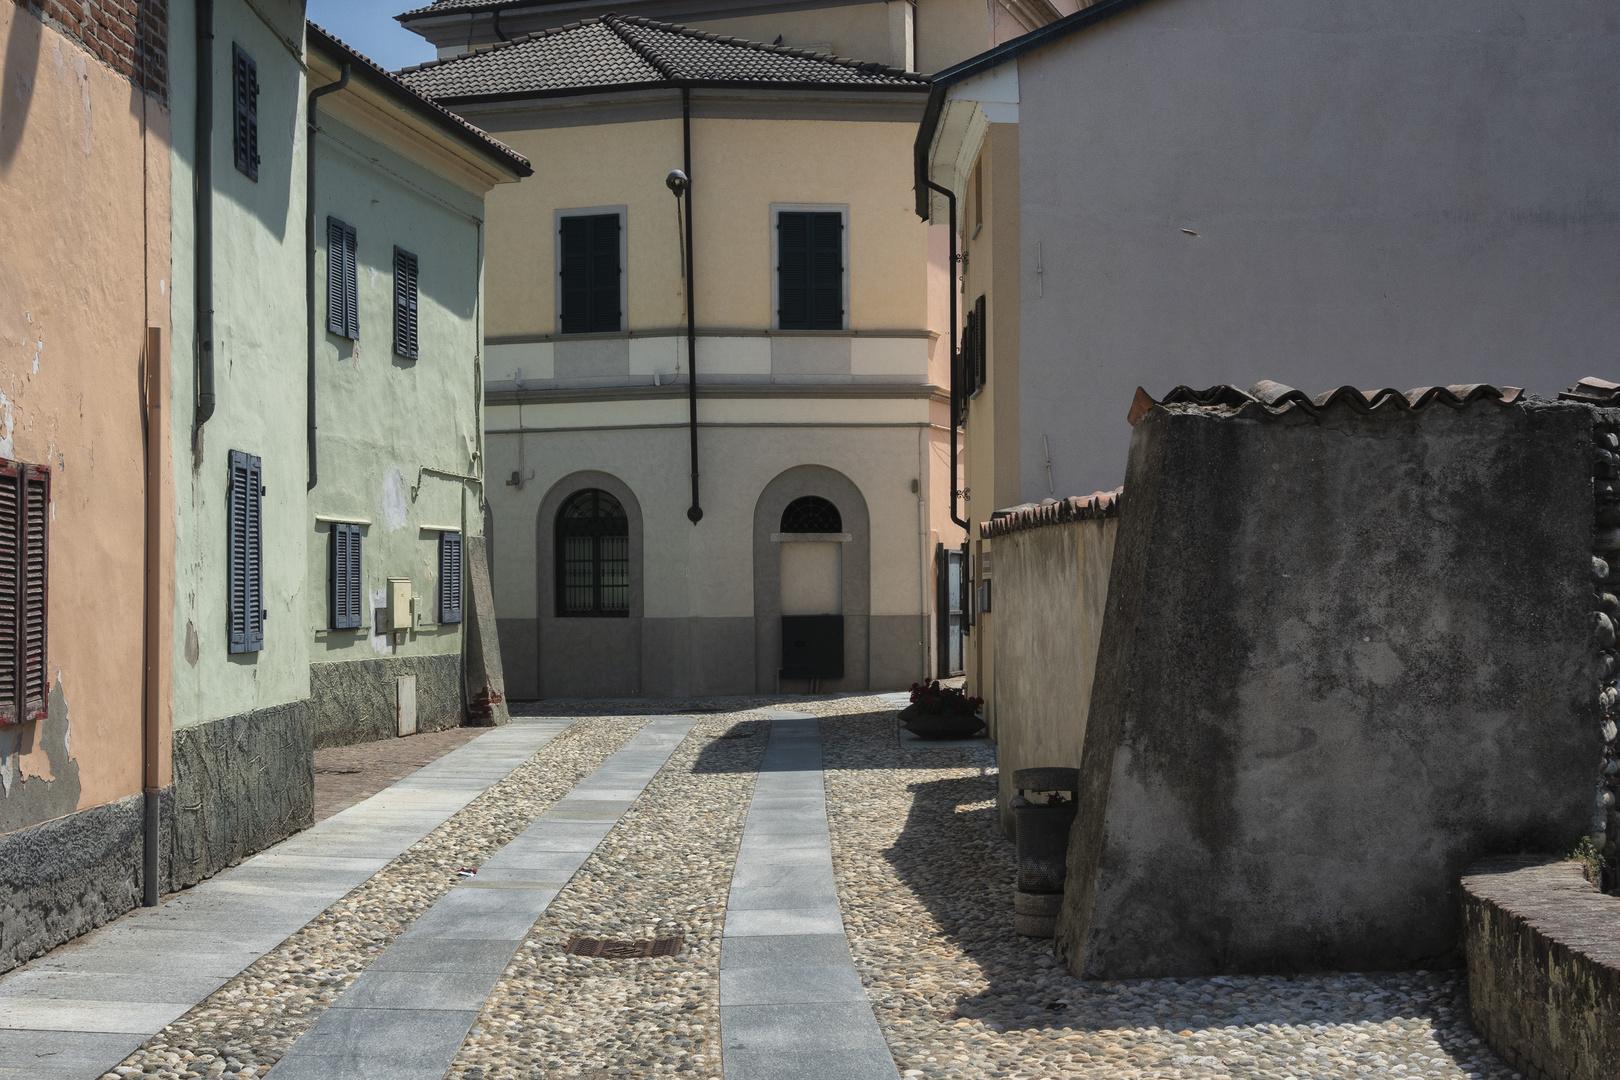 Via Antonio Barbavara, San Nazzaro Sesia